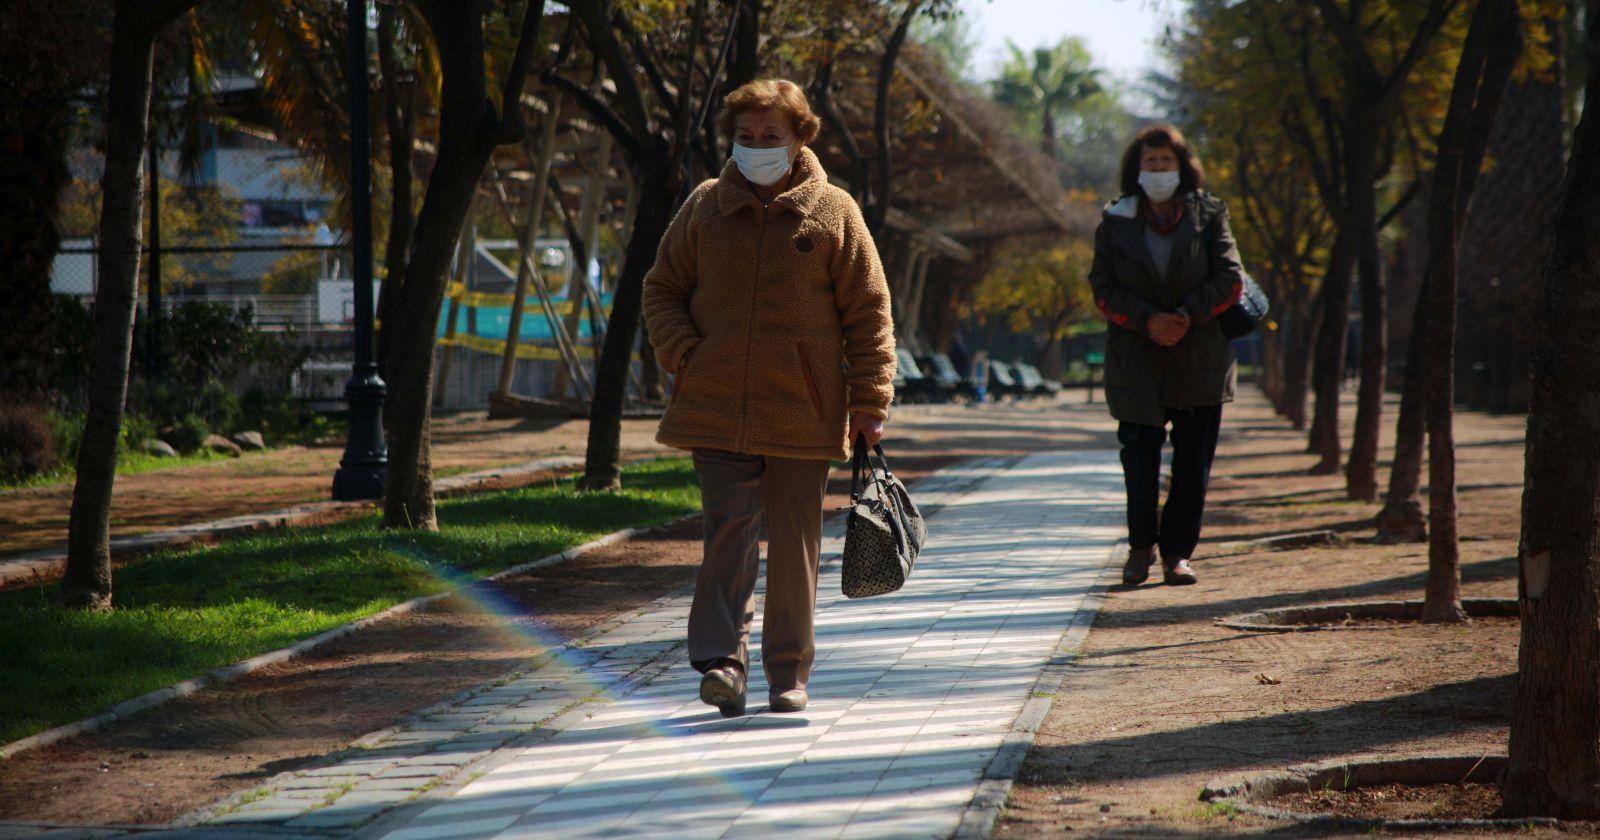 La preparación de los adultos mayores para votar en el plebiscito en plena pandemia